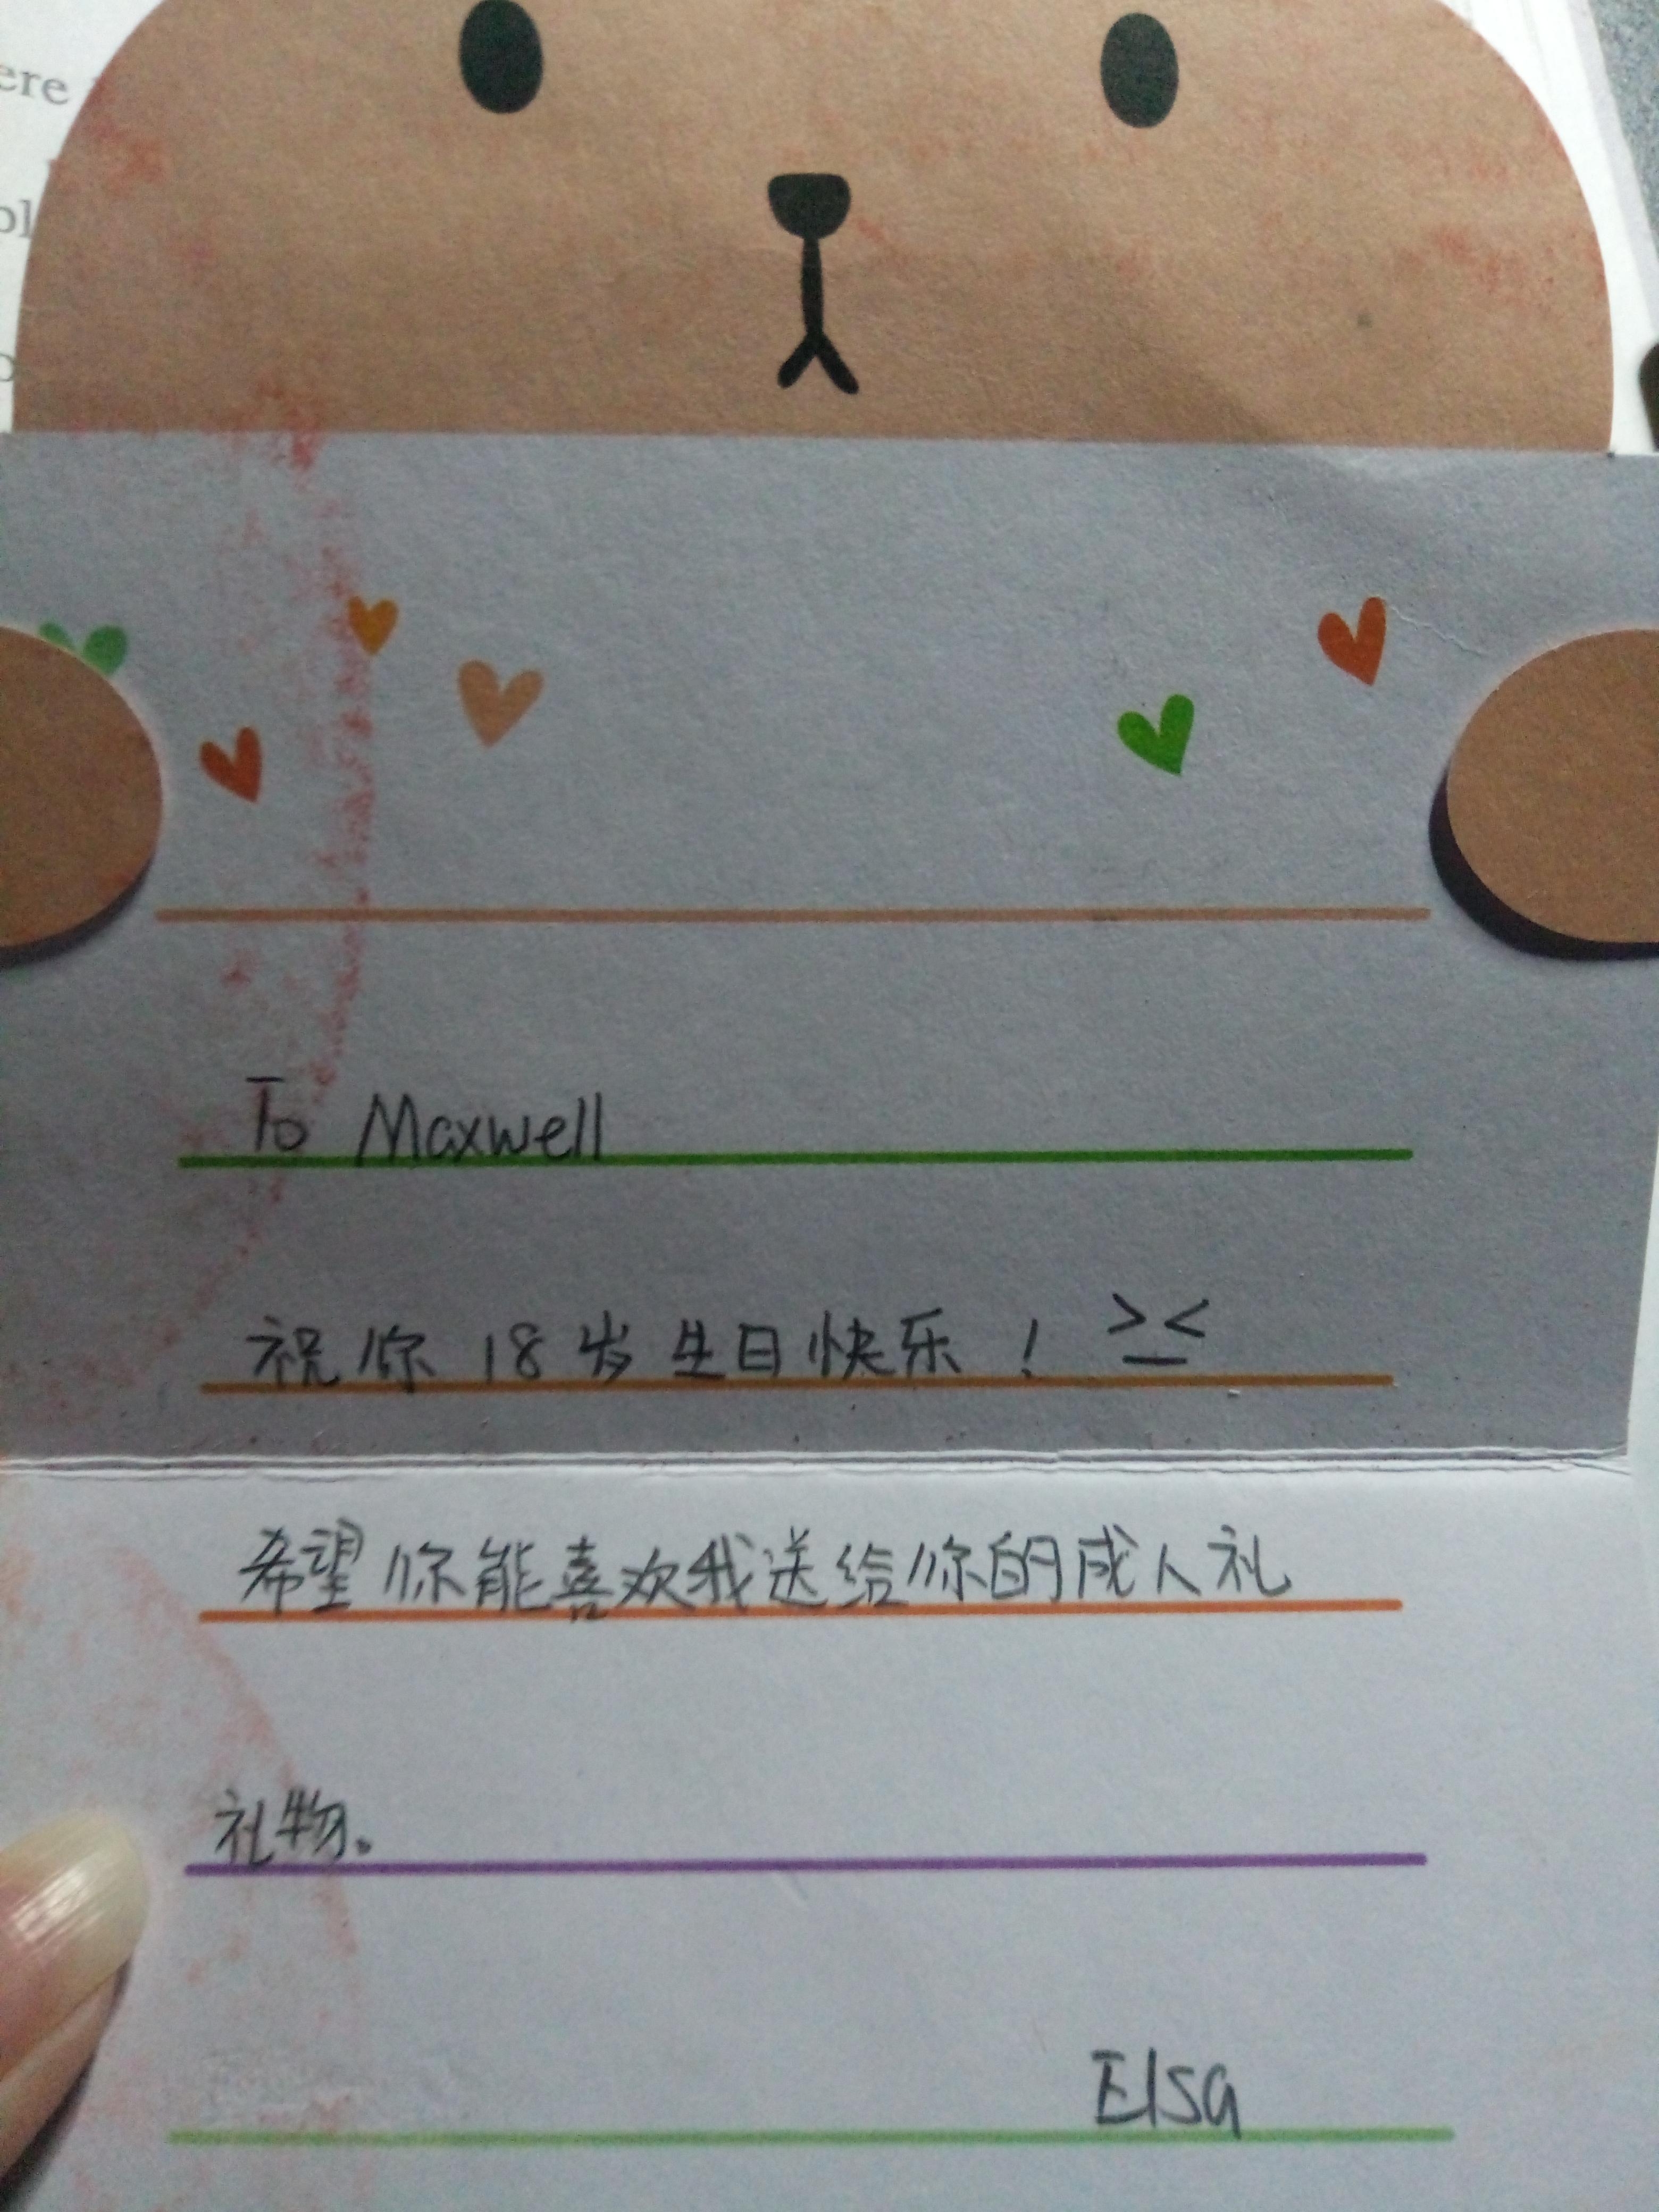 王灿Elsa送的生日贺卡